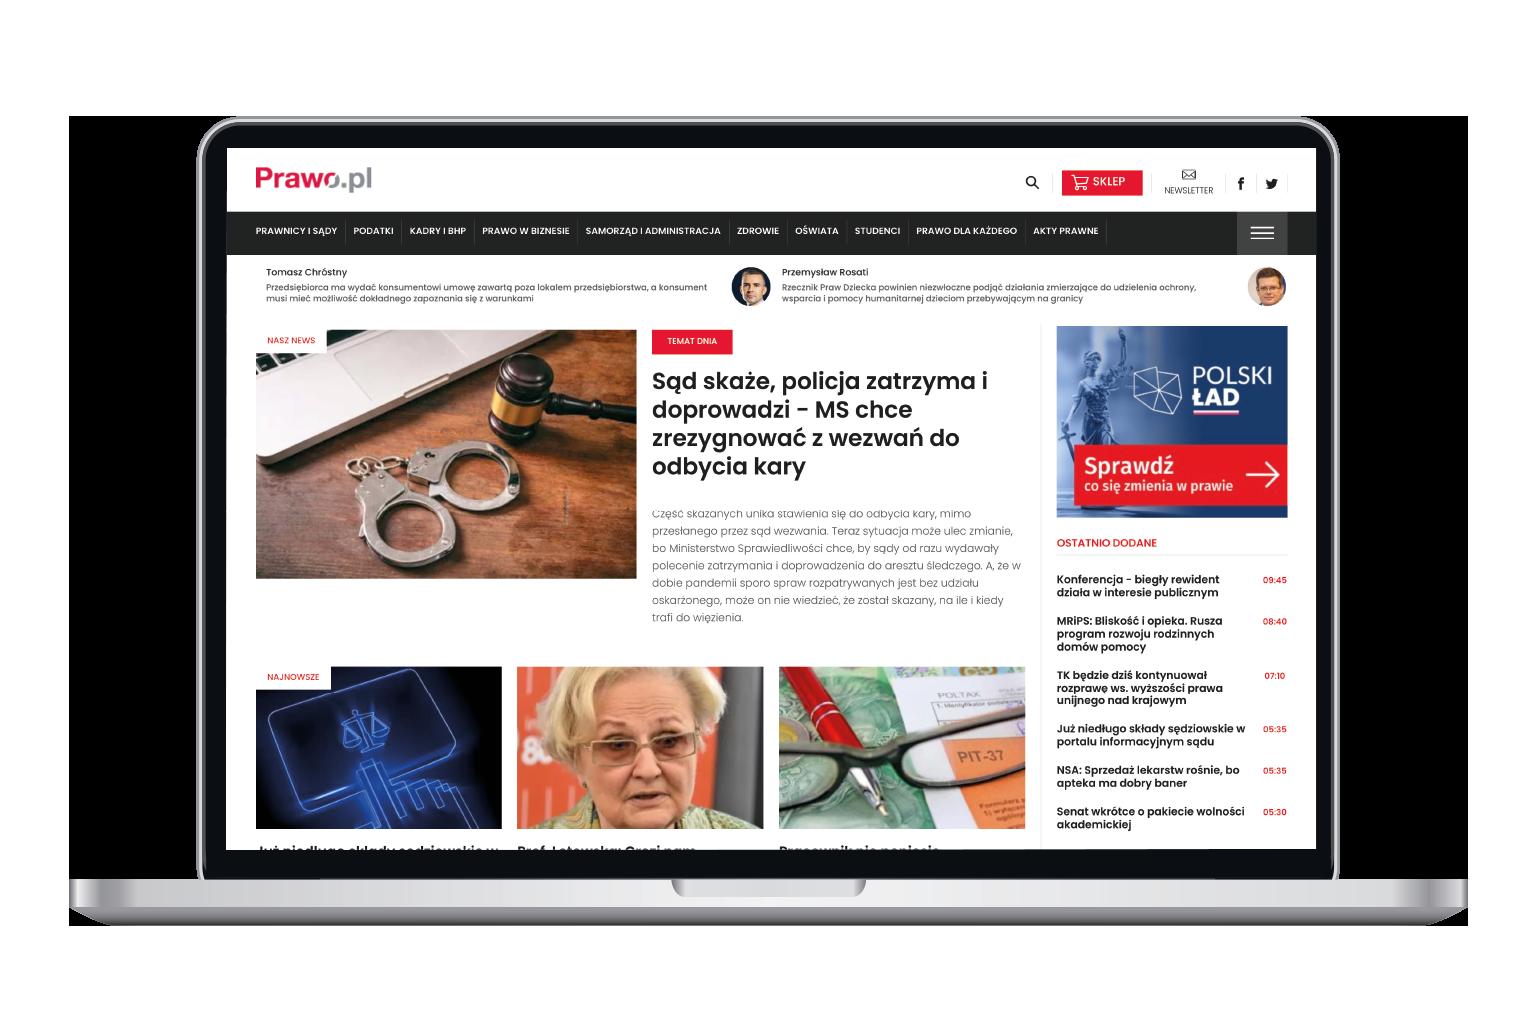 Serwis informacyjny prawo.pl w programie LEX Biznes